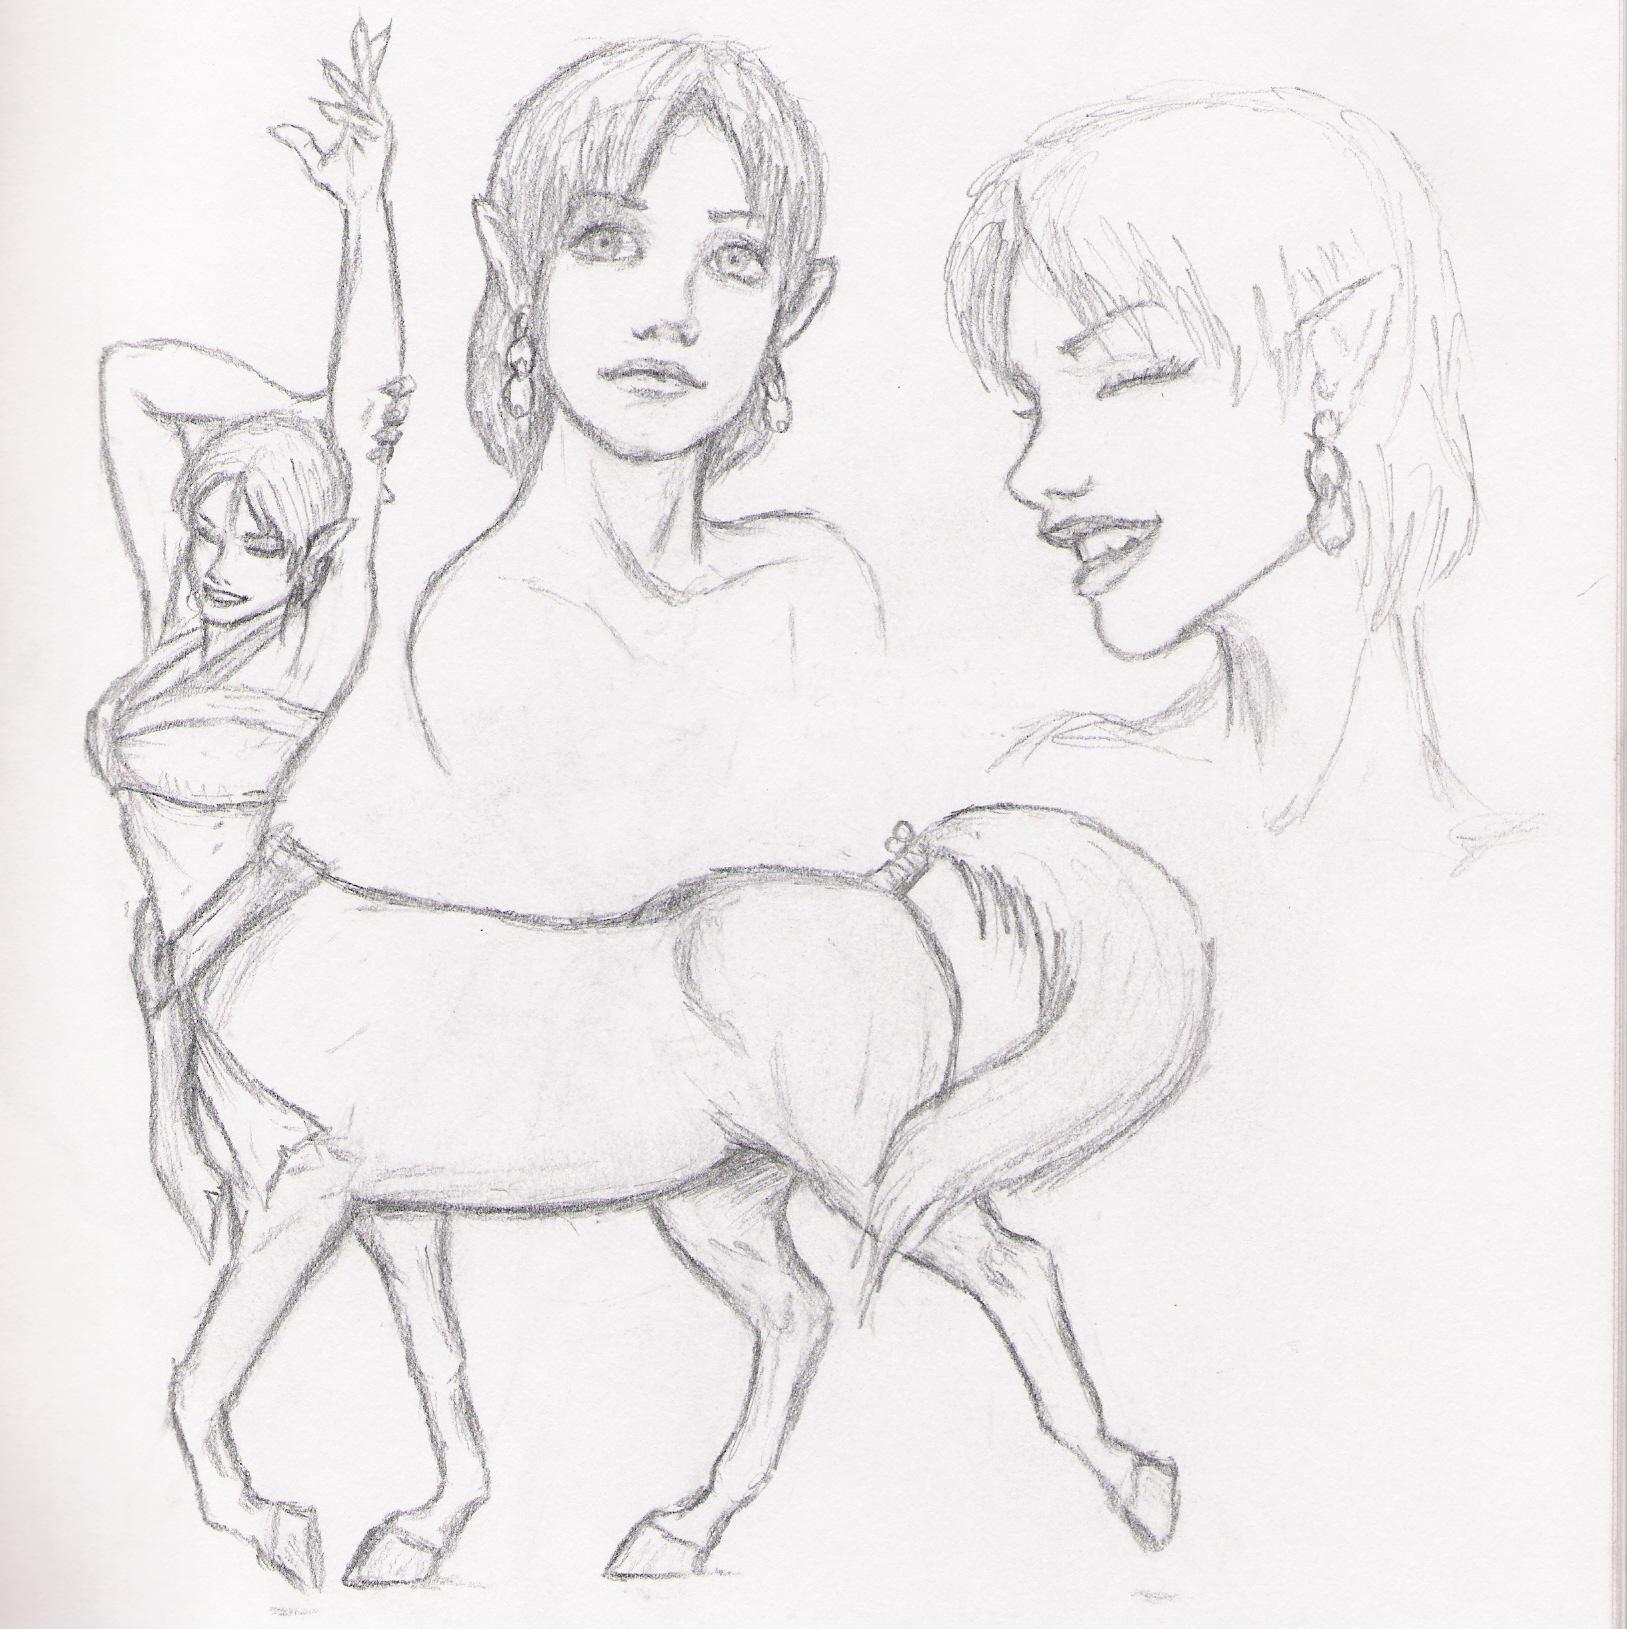 centaur chic by Nobunaga1981